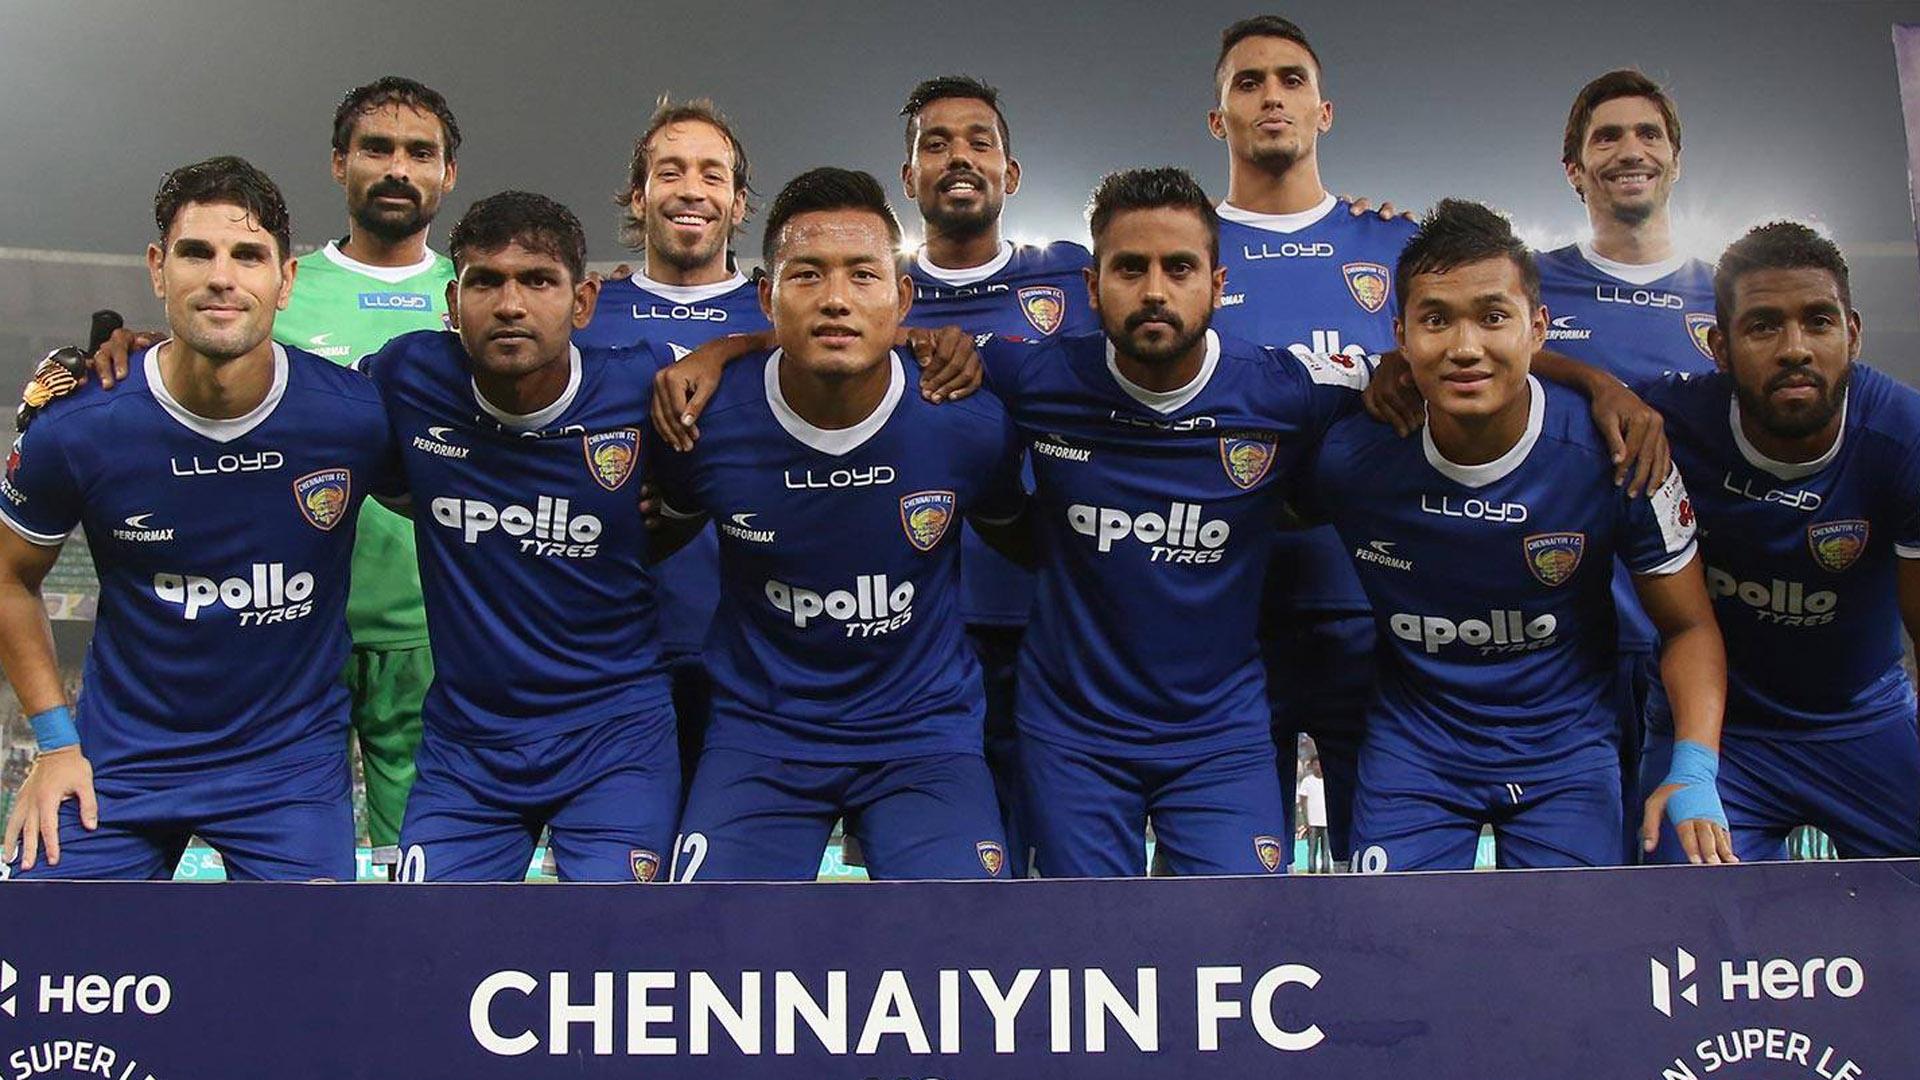 Chennaiyin FC ISL season 4 2017/2018